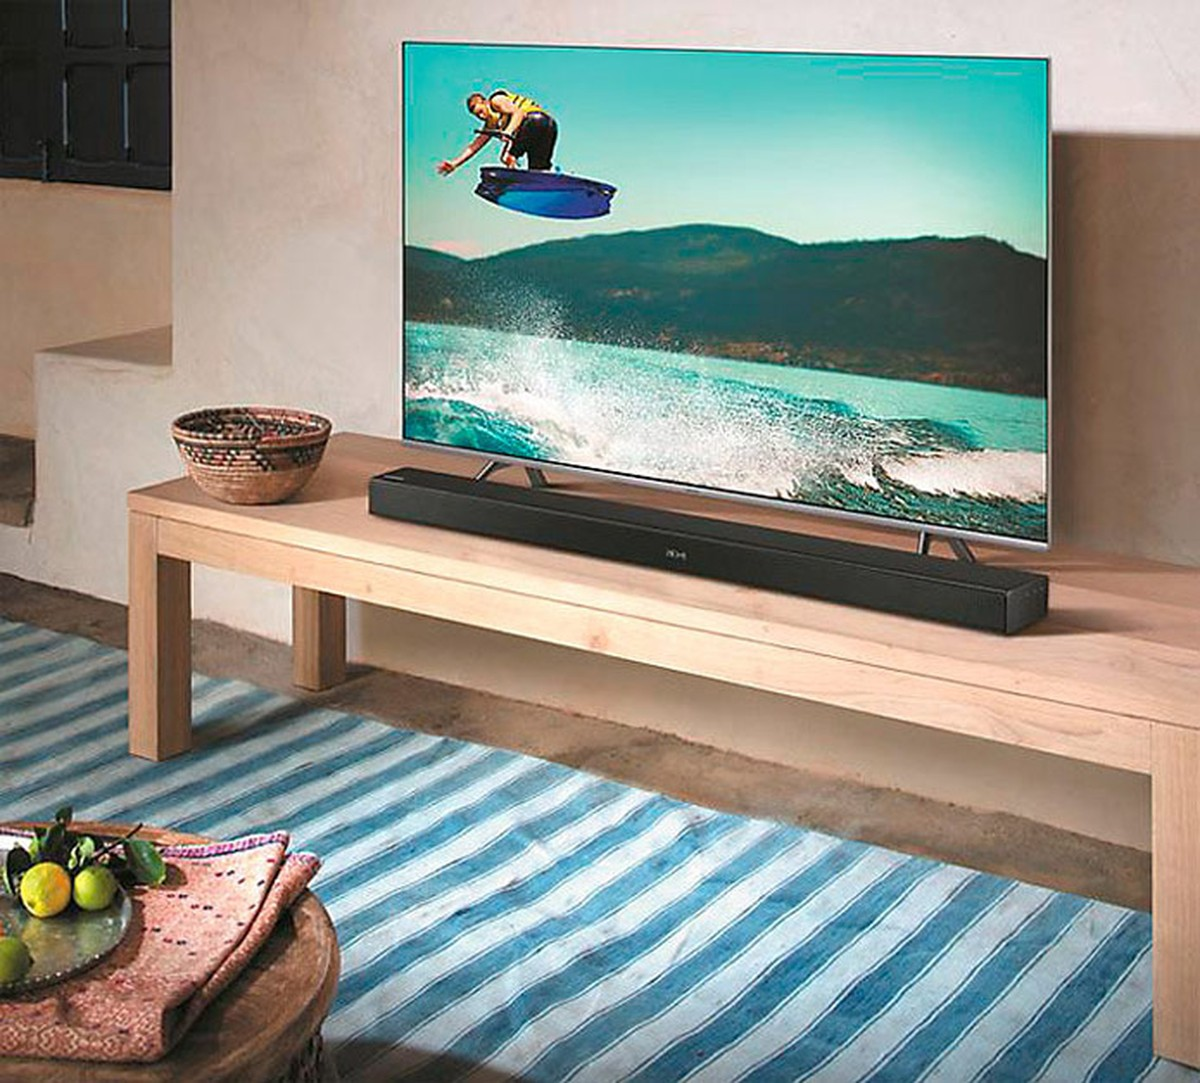 Soundbar Samsung K450 é bom? Conheça ficha técnica, potência e preço | Home ...